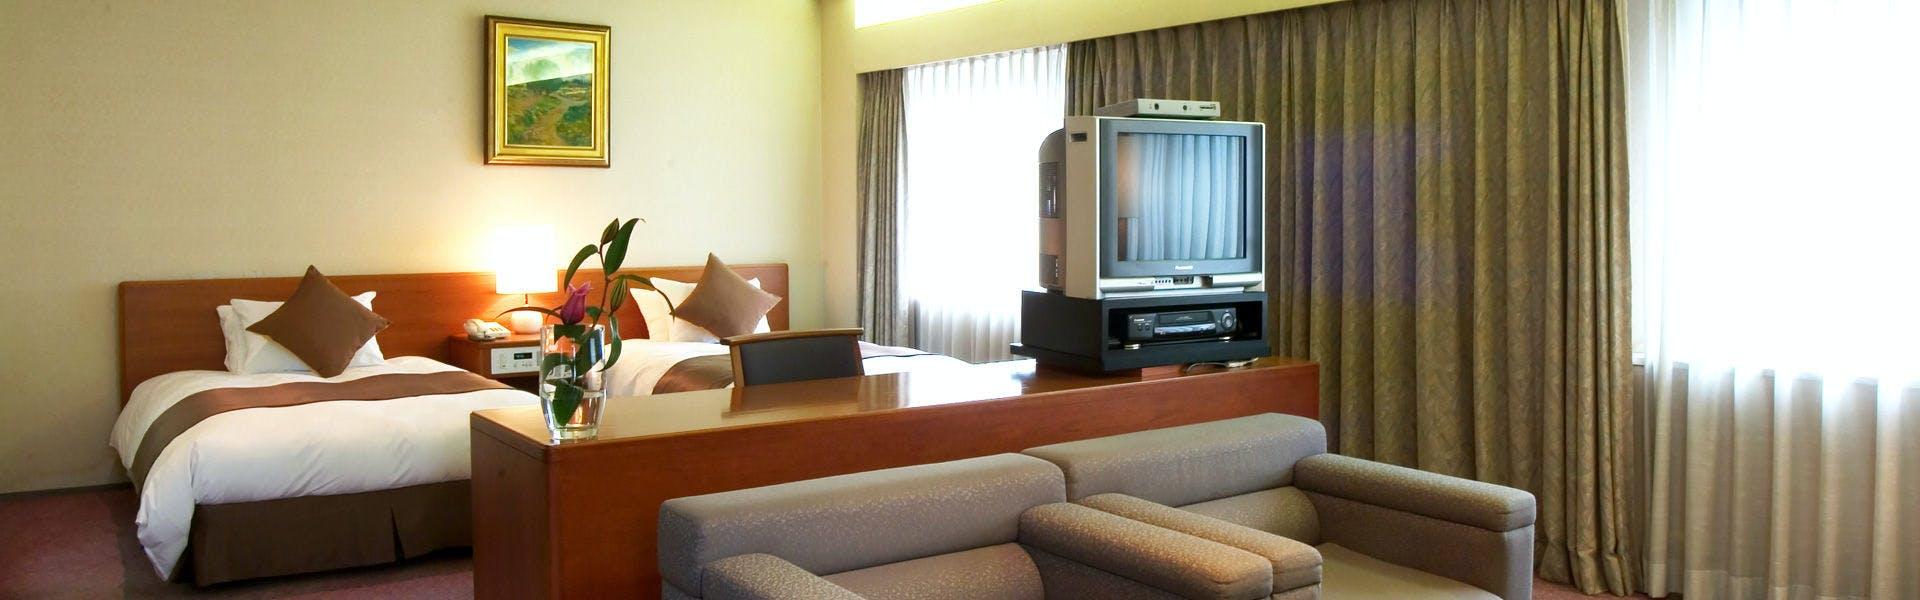 記念日におすすめのホテル・【山形グランドホテル】 の空室状況を確認するの写真2